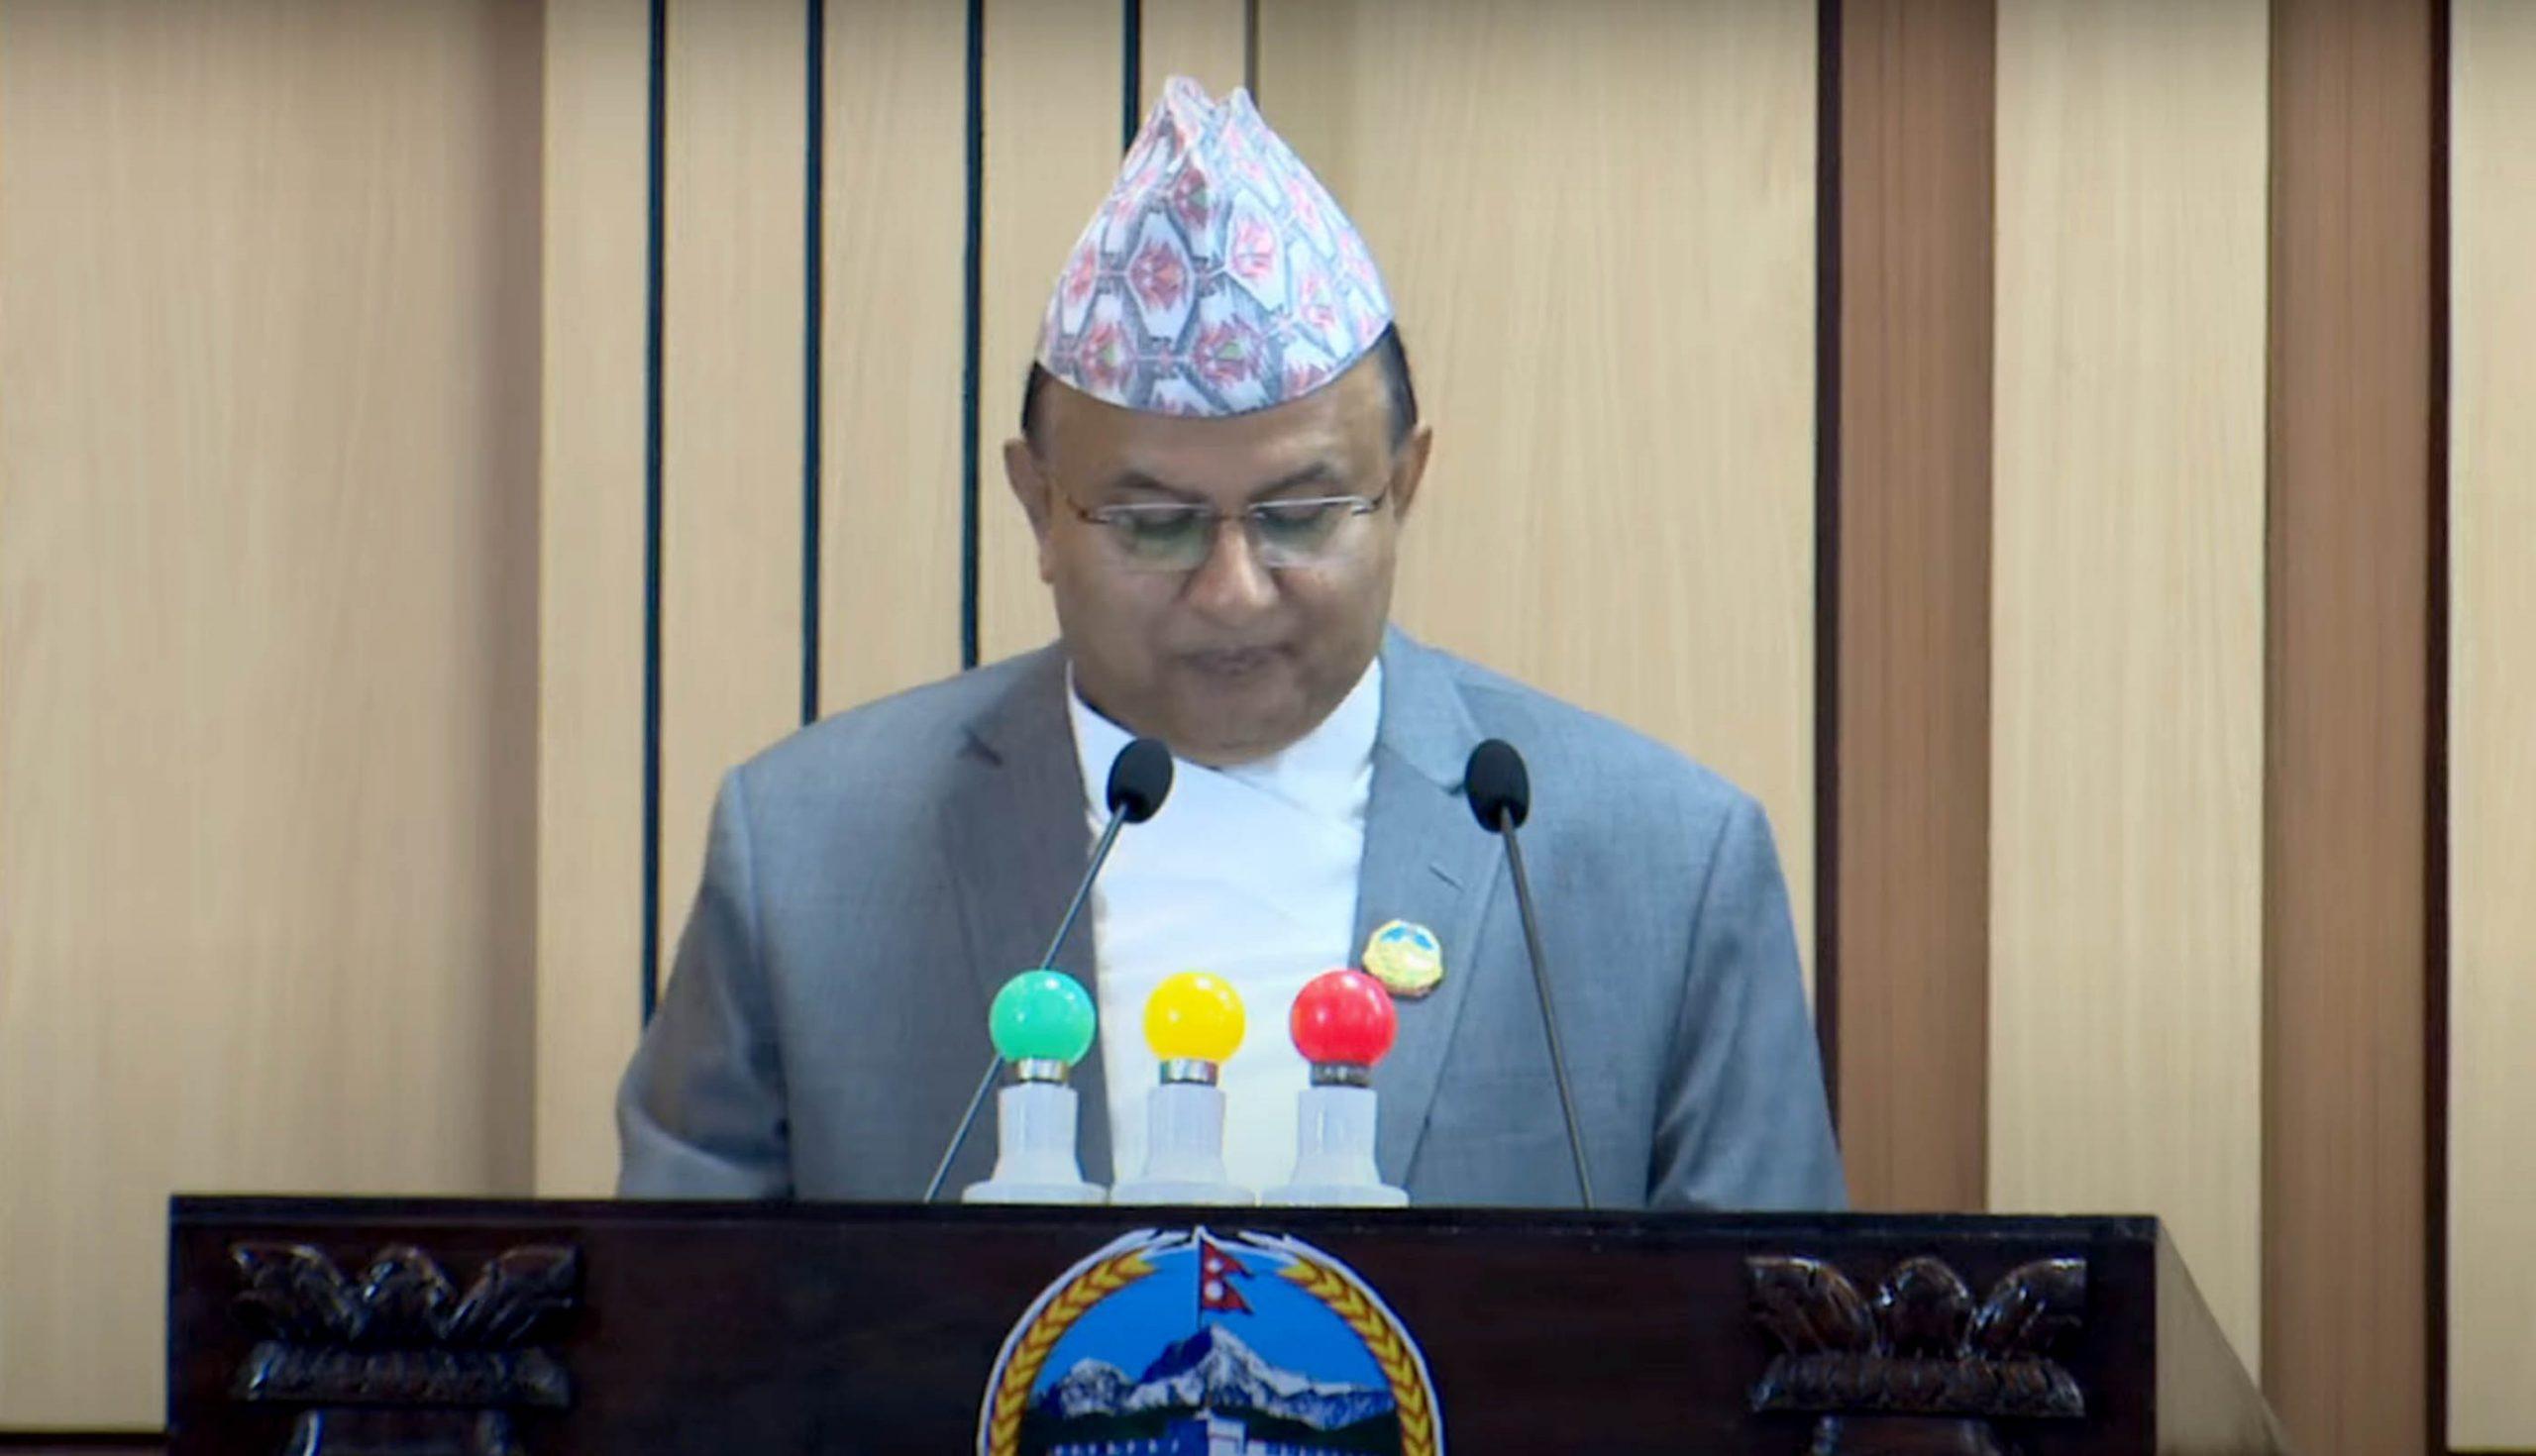 संसदमा बहुमत गुमे एक मिनेट पनि सरकारमा बस्दिनः शंकर पोखरेल